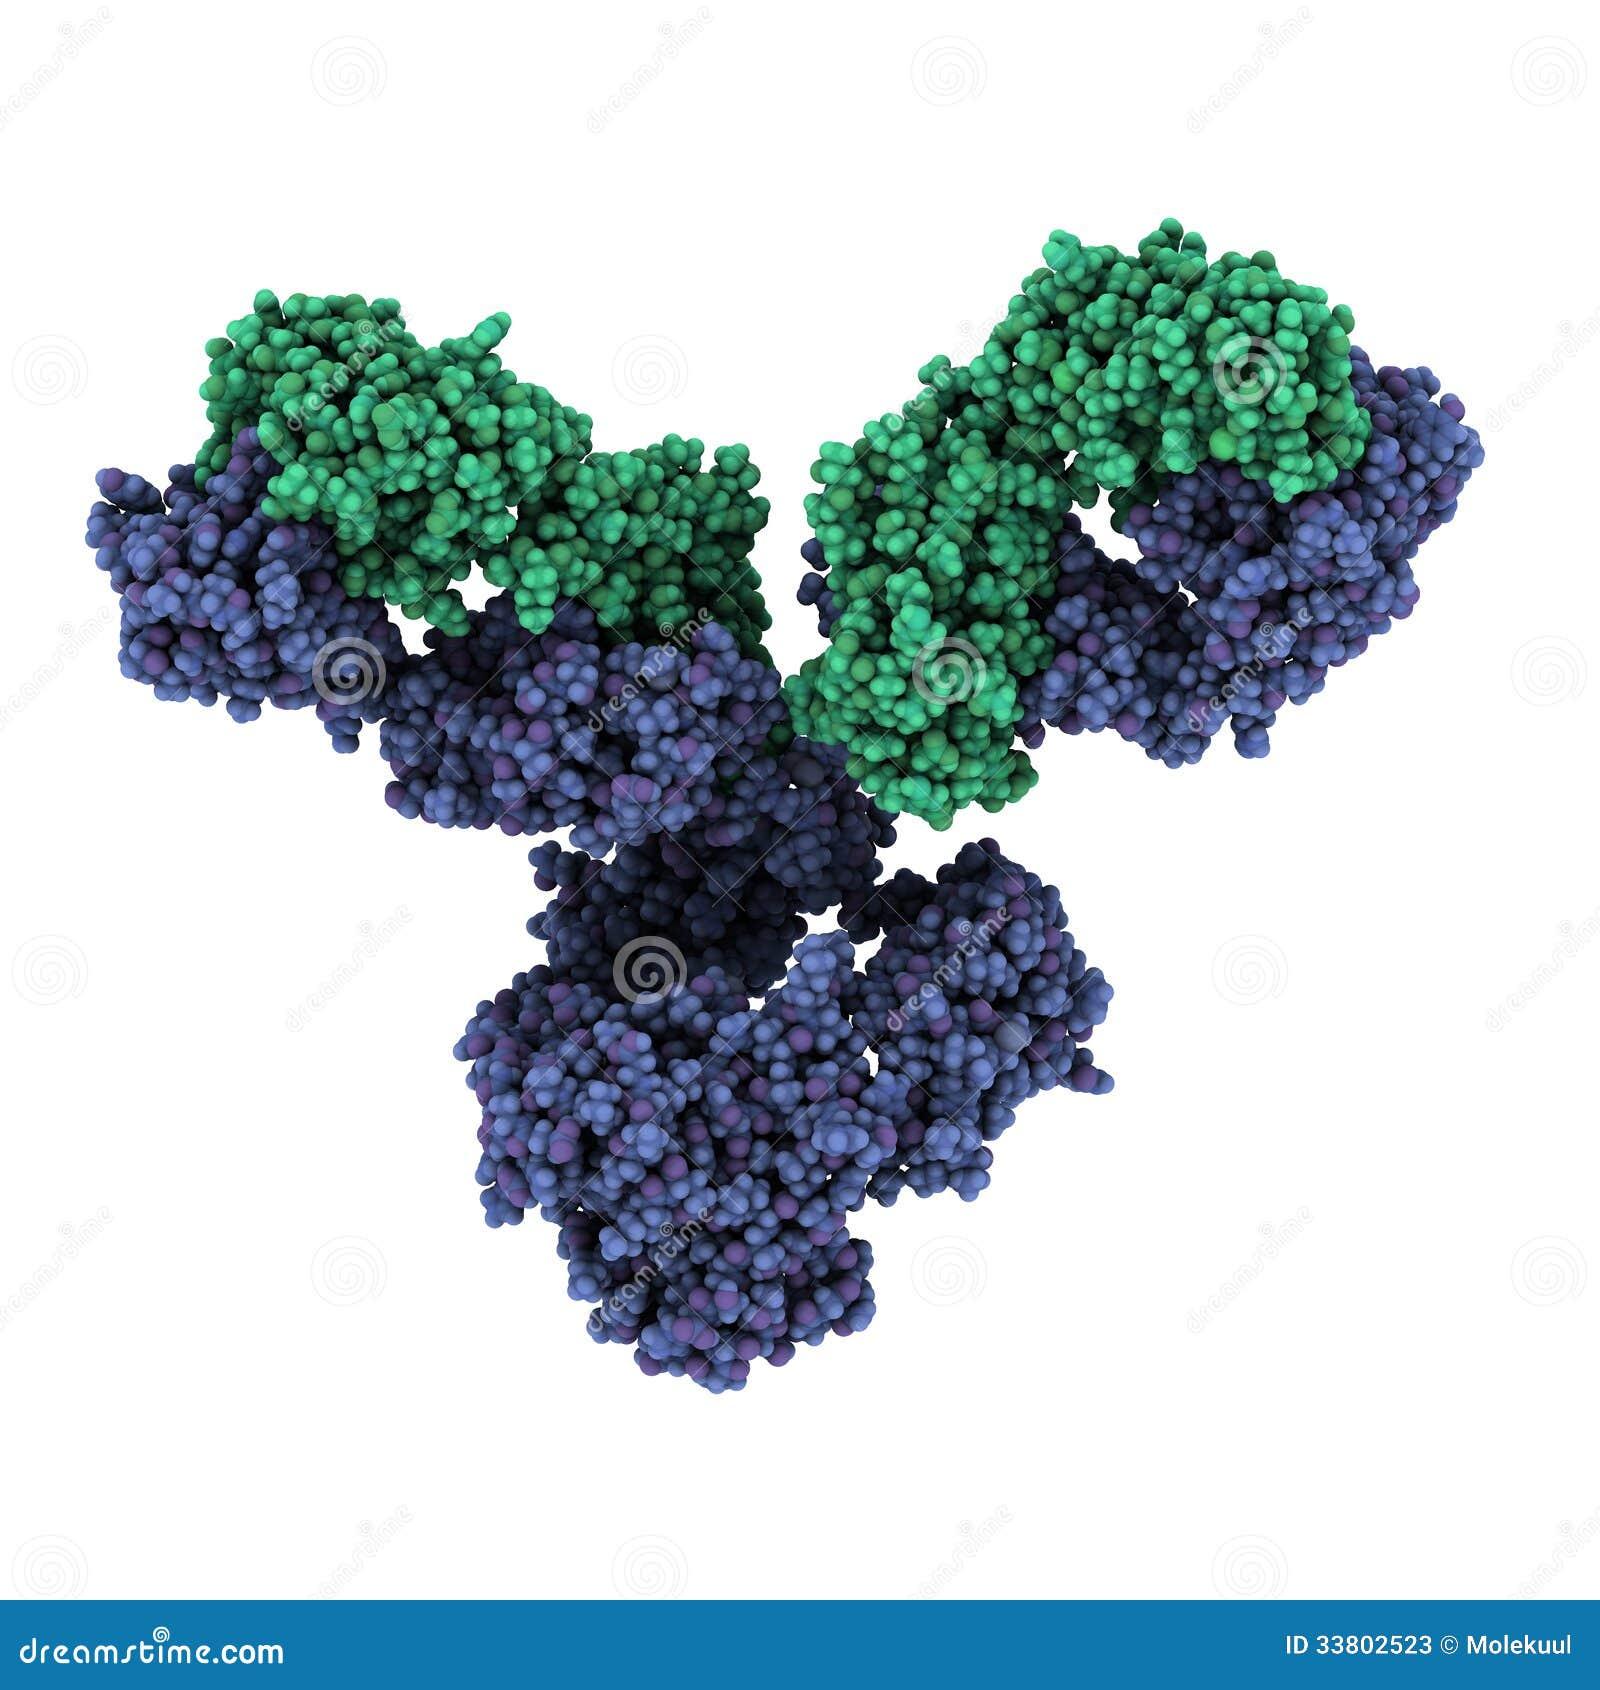 La depuración del organismo de los parásitos semenova